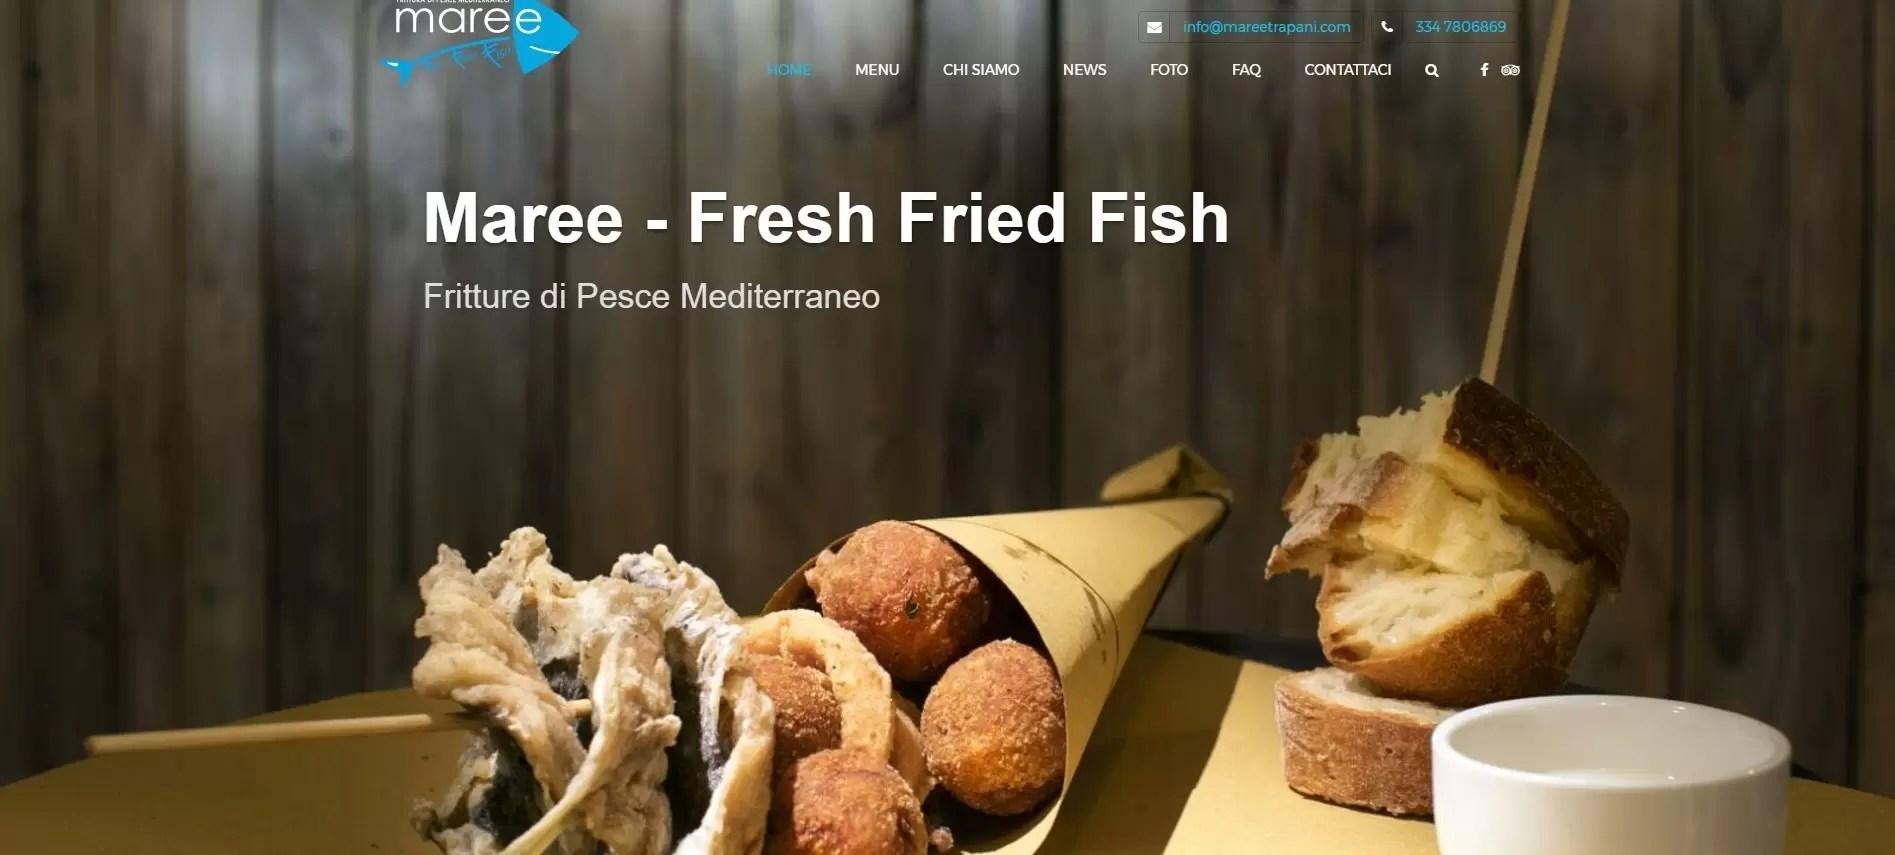 Maree Fritture di Pesce Mediterraneo